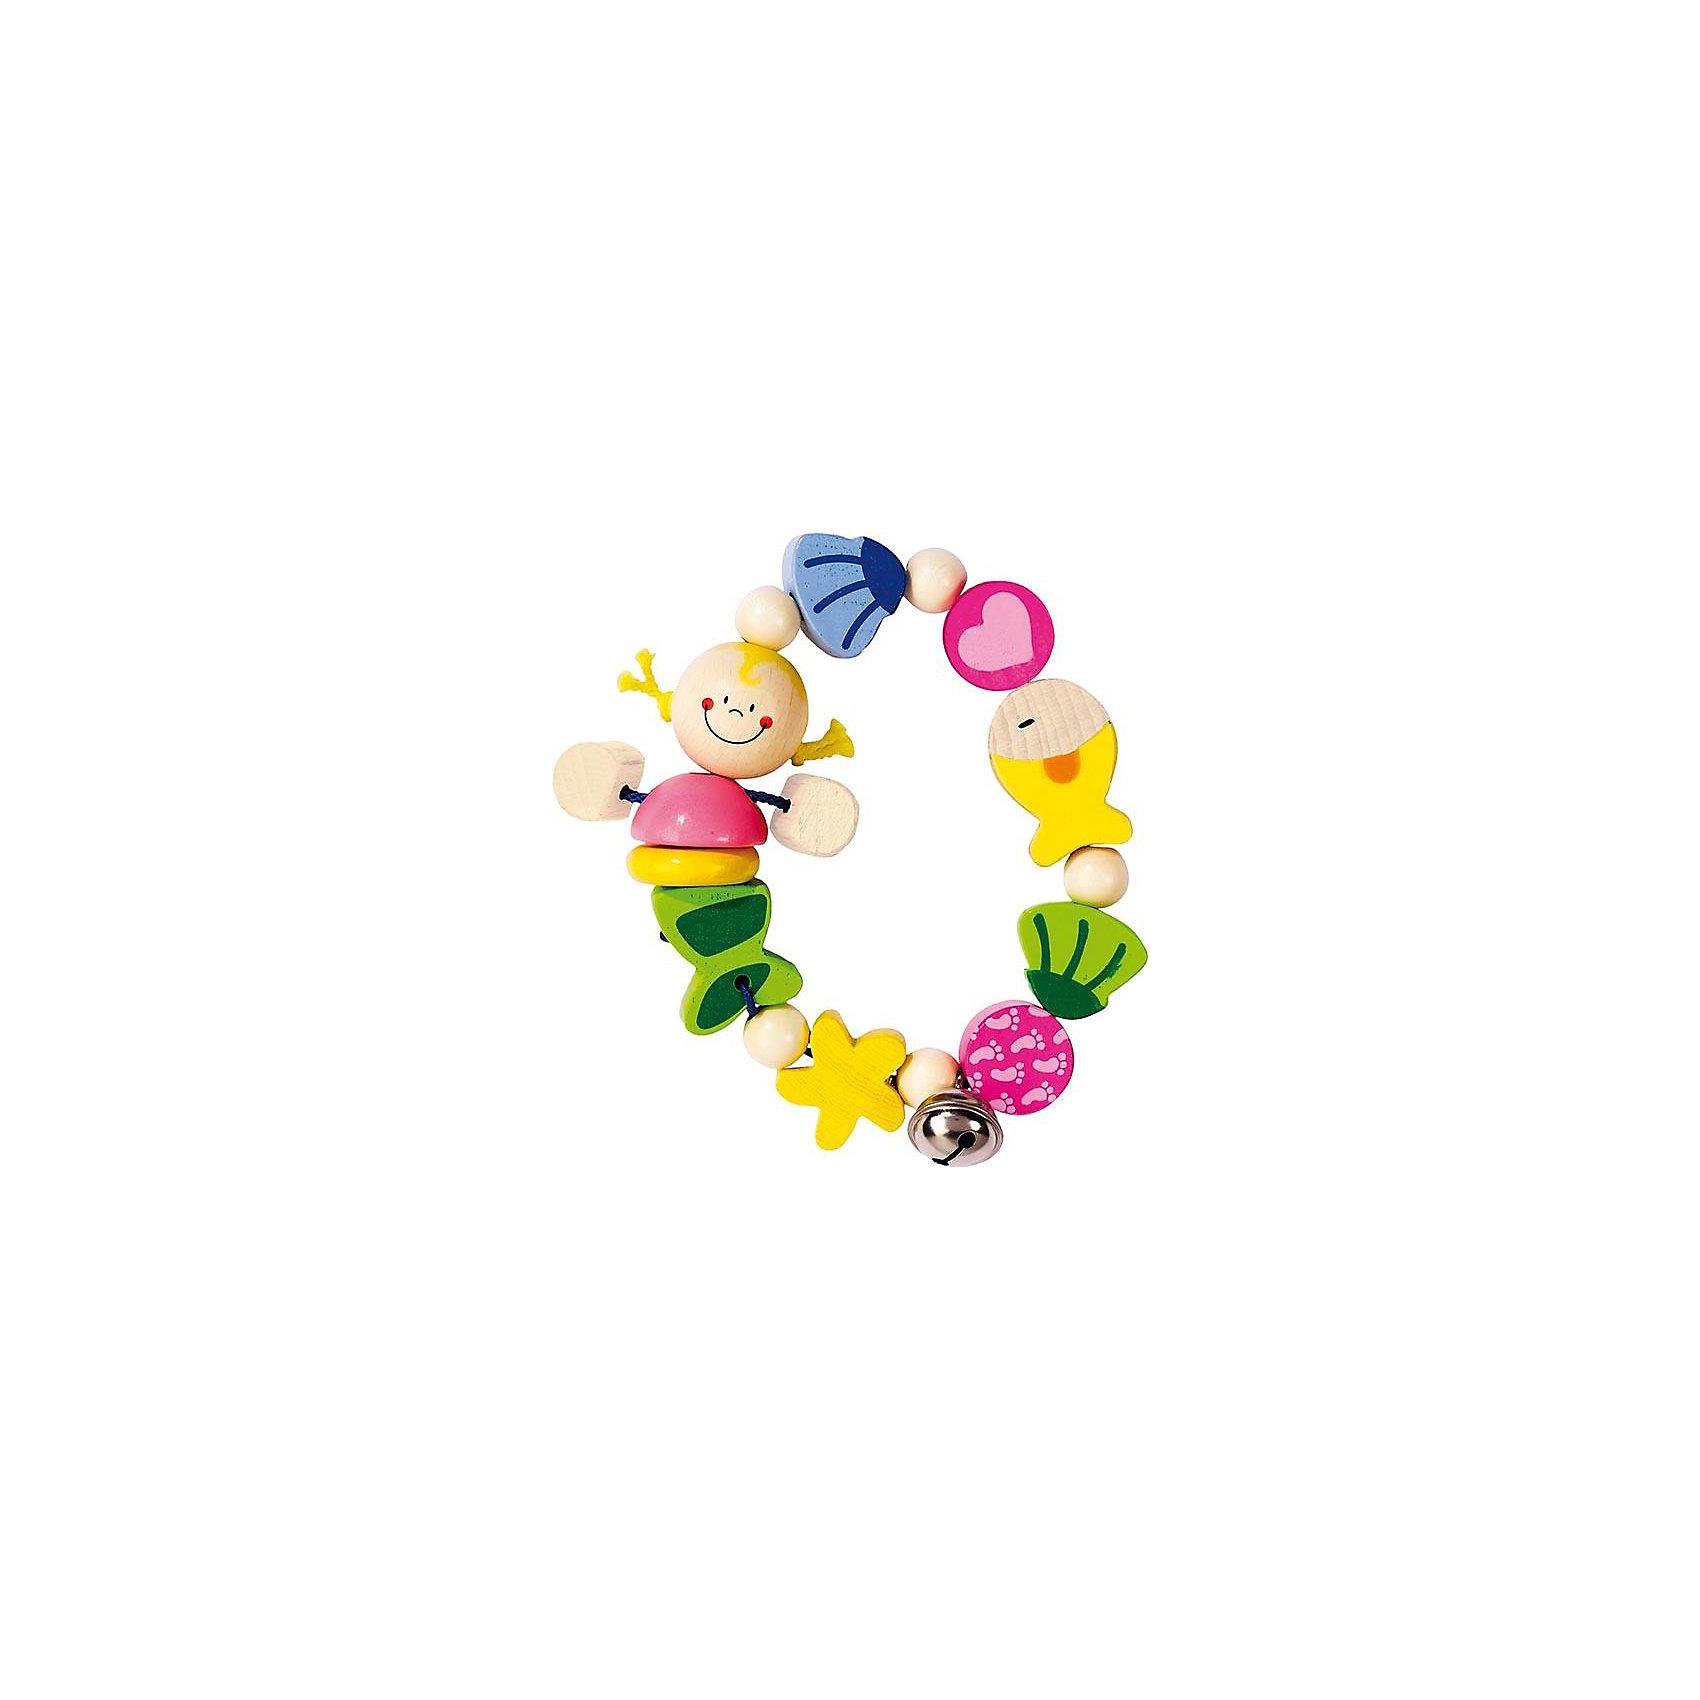 Игрушка-кольцо эластик Русалочка, HEIMESSПрорезыватель-погремушка Русалочка HEIMESS  <br><br><br><br>От 0 мес.<br><br>Материалы: дерево, стойкие безопасные краски на водной основе, можно грызть.<br><br>Размеры: диаметр 11 см<br><br>Русалочка, рыбки, ракушки и морская звезда набраны на эластичную резинку и дополнены колокольчиком. Абсолютно безопасные очень стойкие краски на водной основе.<br><br>Ширина мм: 120<br>Глубина мм: 20<br>Высота мм: 180<br>Вес г: 43<br>Возраст от месяцев: 0<br>Возраст до месяцев: 24<br>Пол: Женский<br>Возраст: Детский<br>SKU: 2250266